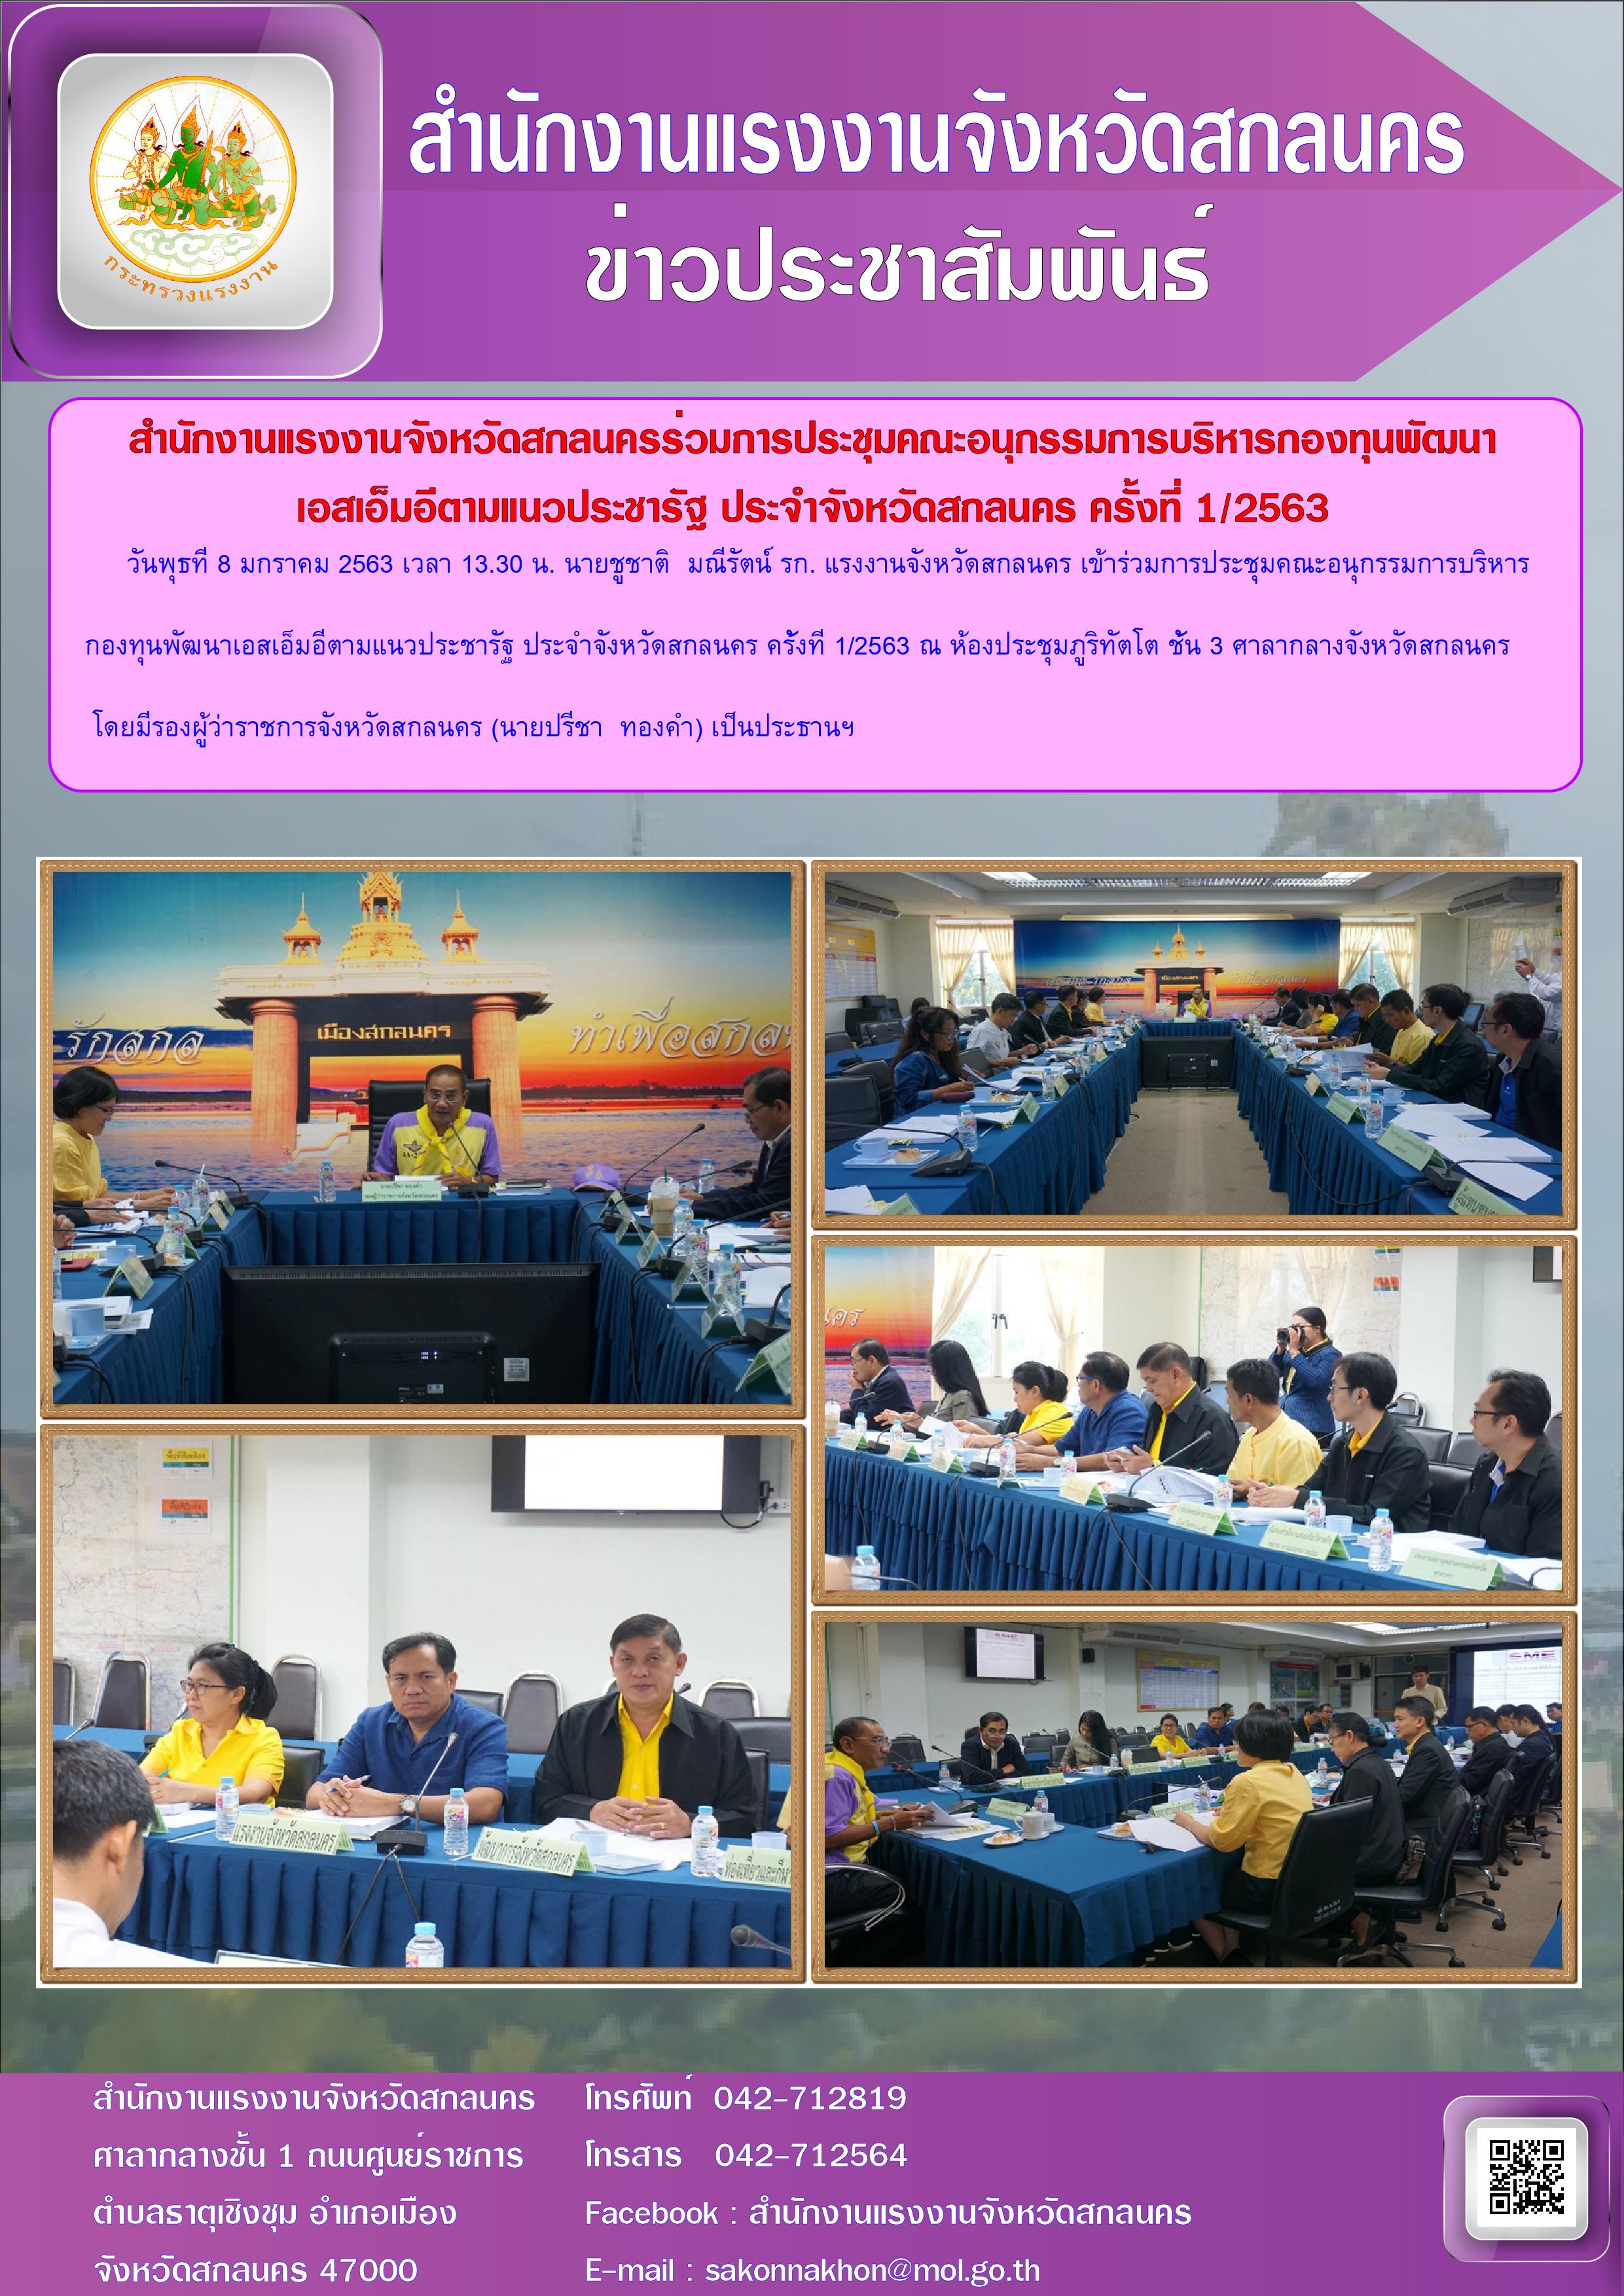 สำนักงานแรงงานจังหวัดสกลนครร่วมการประชุมคณะอนุกรรมการบริหารกองทุนพัฒนา เอสเอ็มอีตามแนวประชารัฐ ประจำจังหวัดสกลนคร ครั้งที่ 1/2563